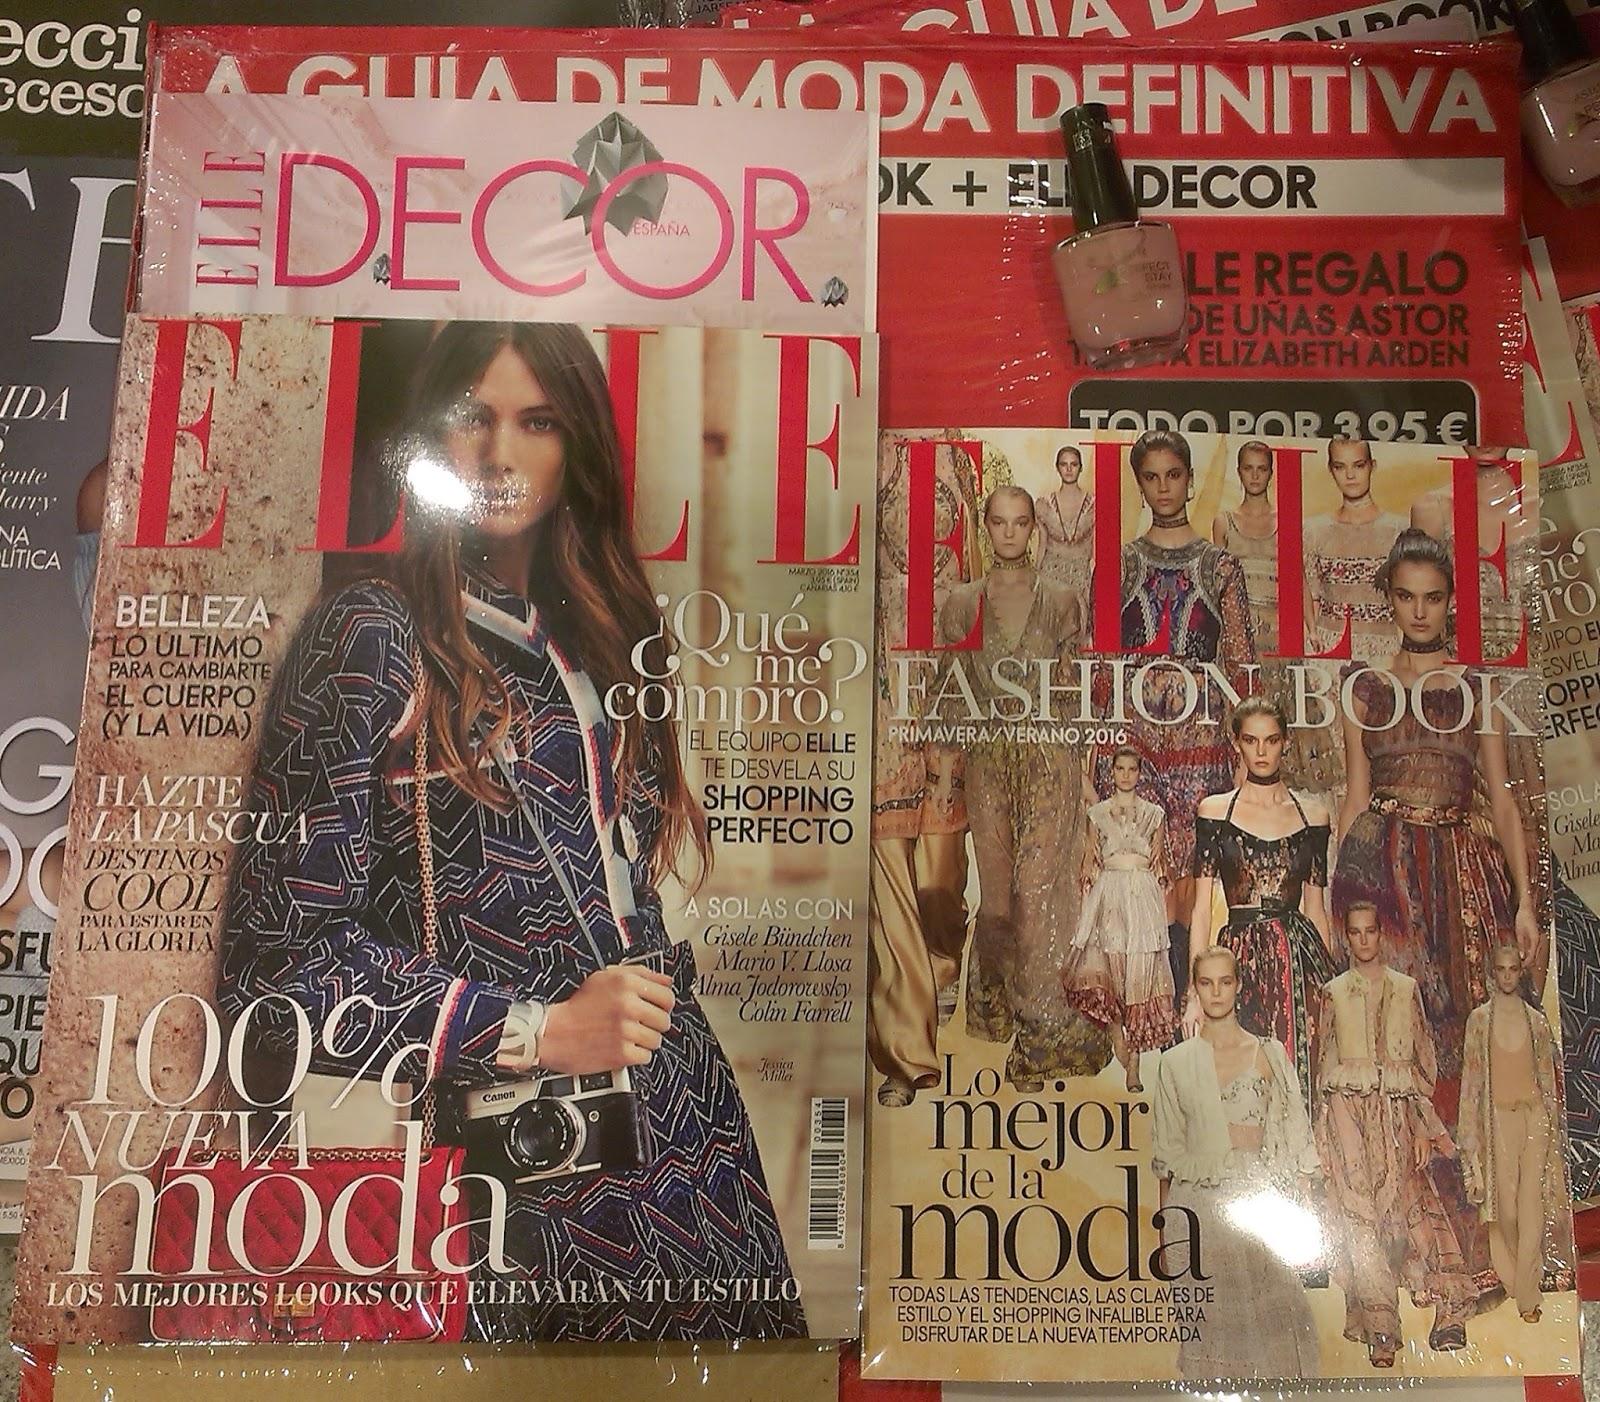 POTIS CORUÑA: Regalos de las revistas de Marzo